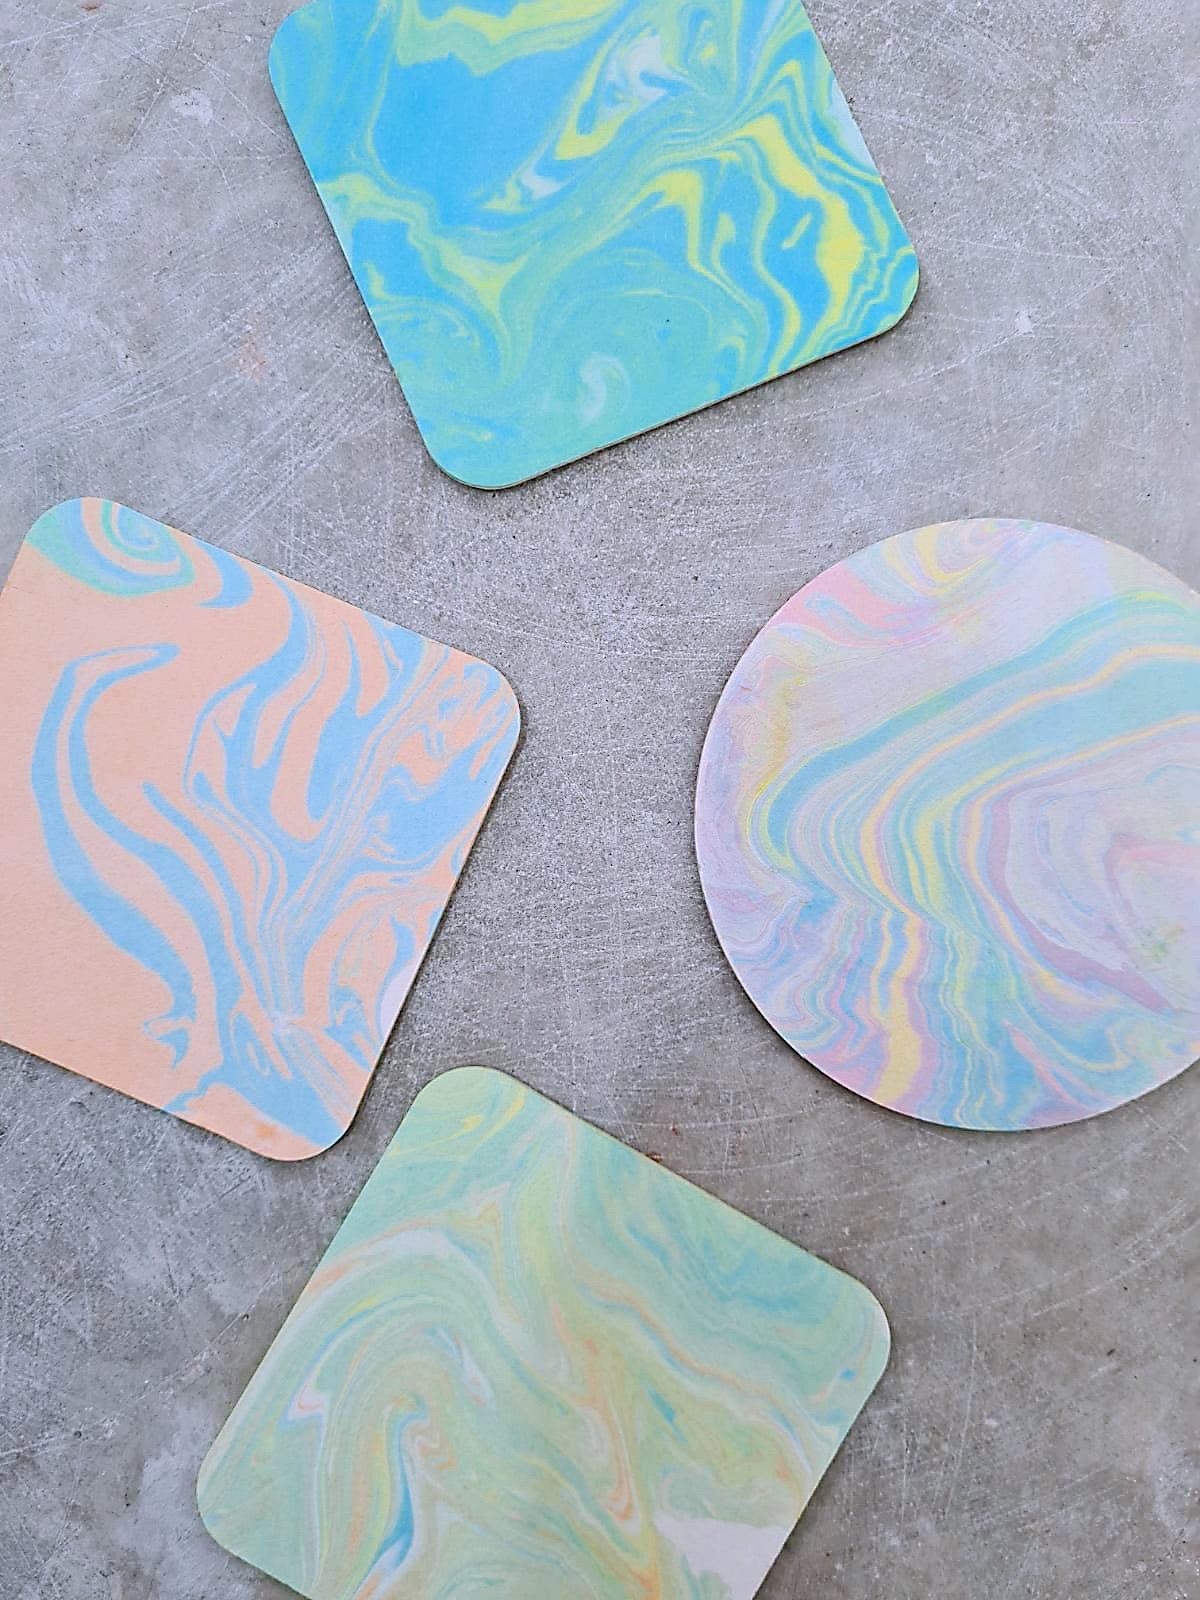 Marbleize Art